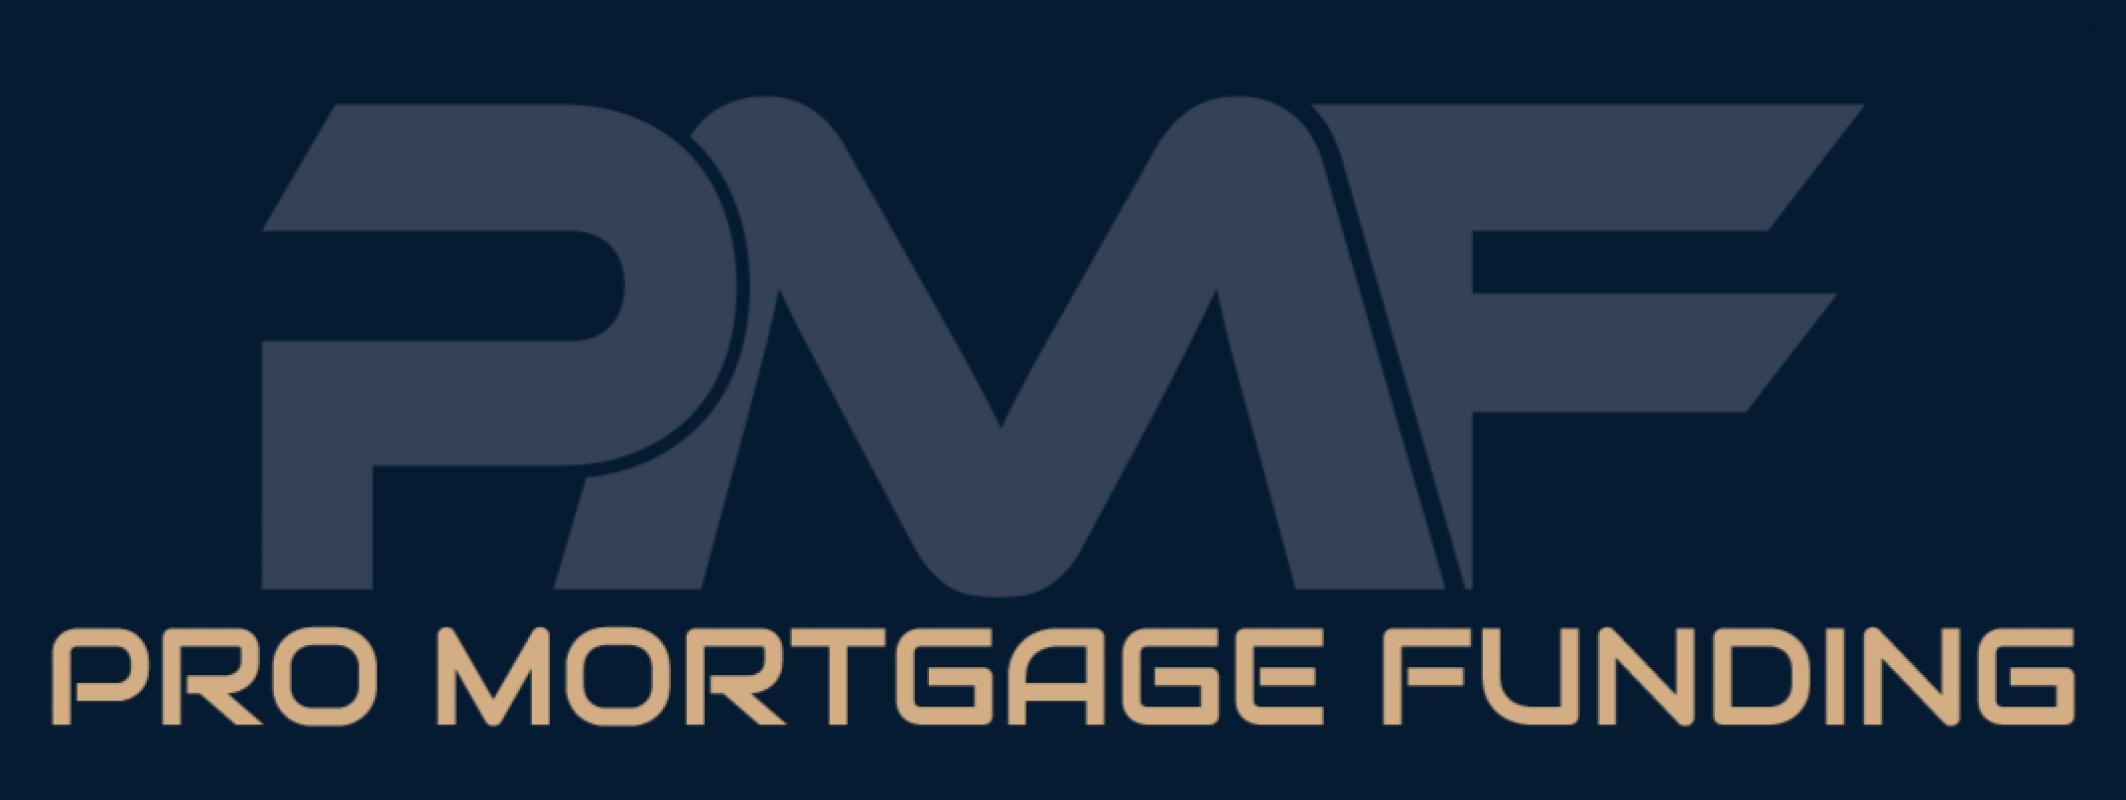 Pro Mortgage Funding logo